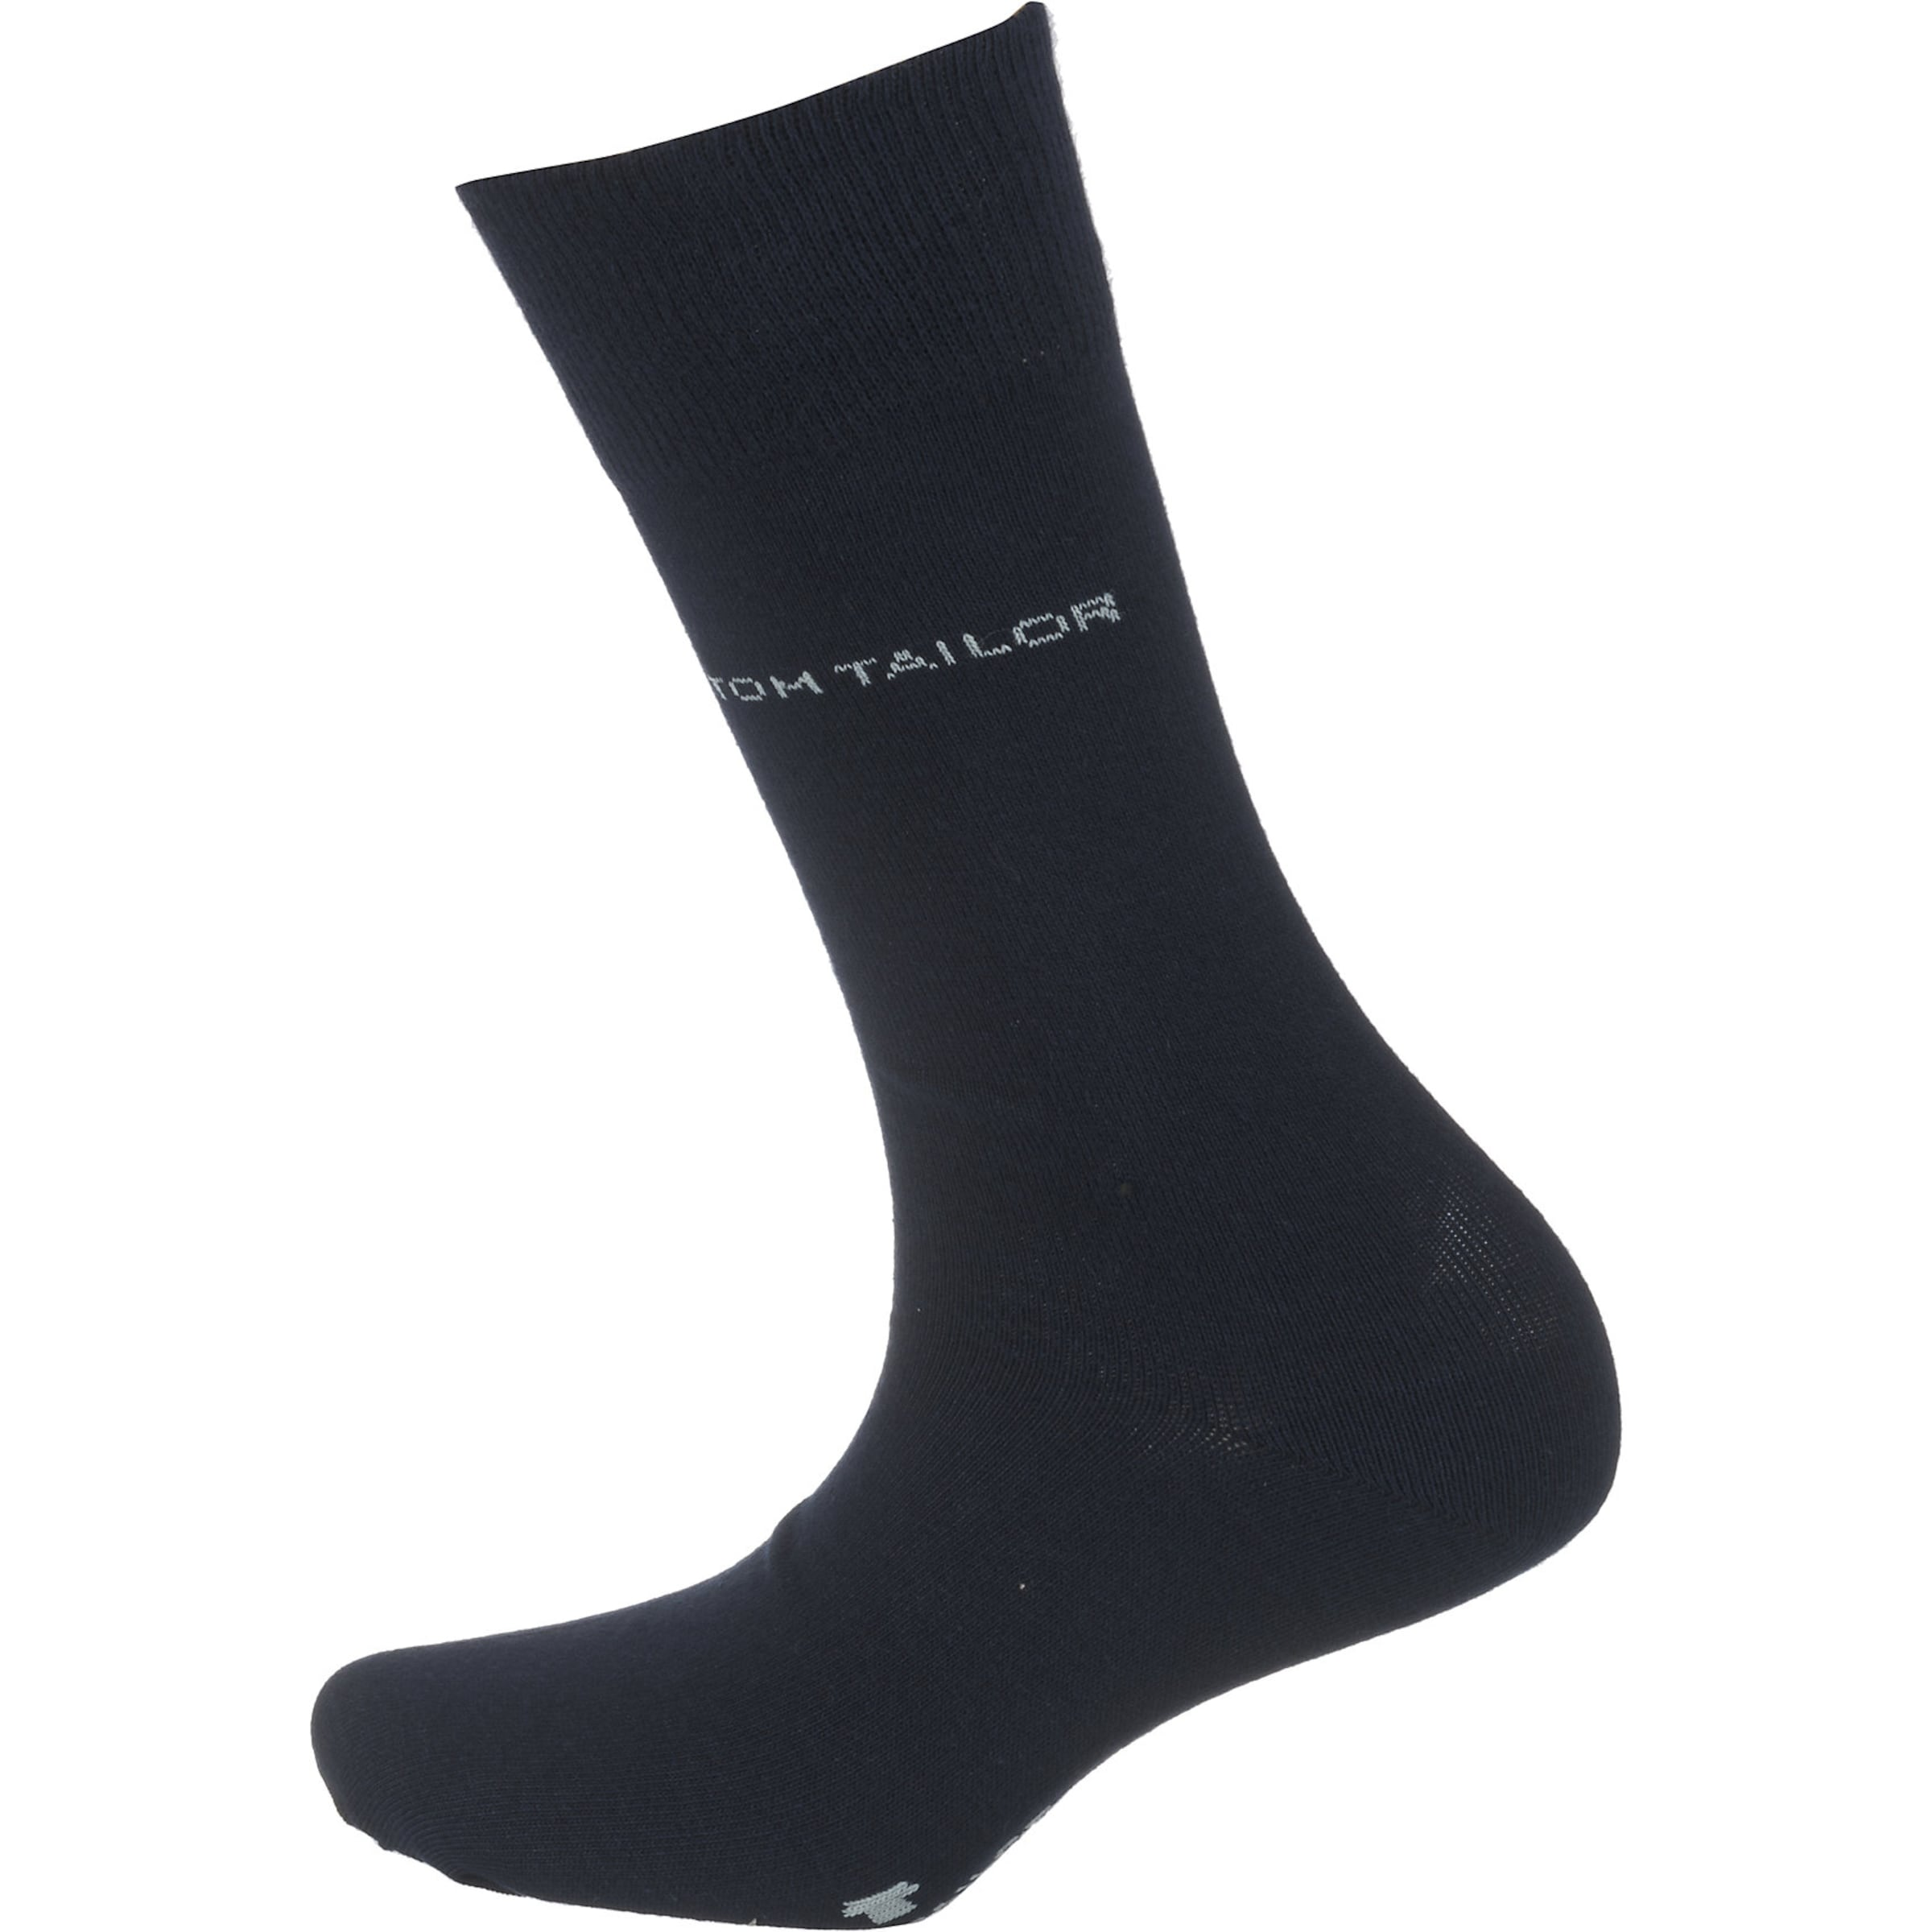 Tailor Weiß Socks Petrol Tom In NachtblauGraumeliert bg76yfYv